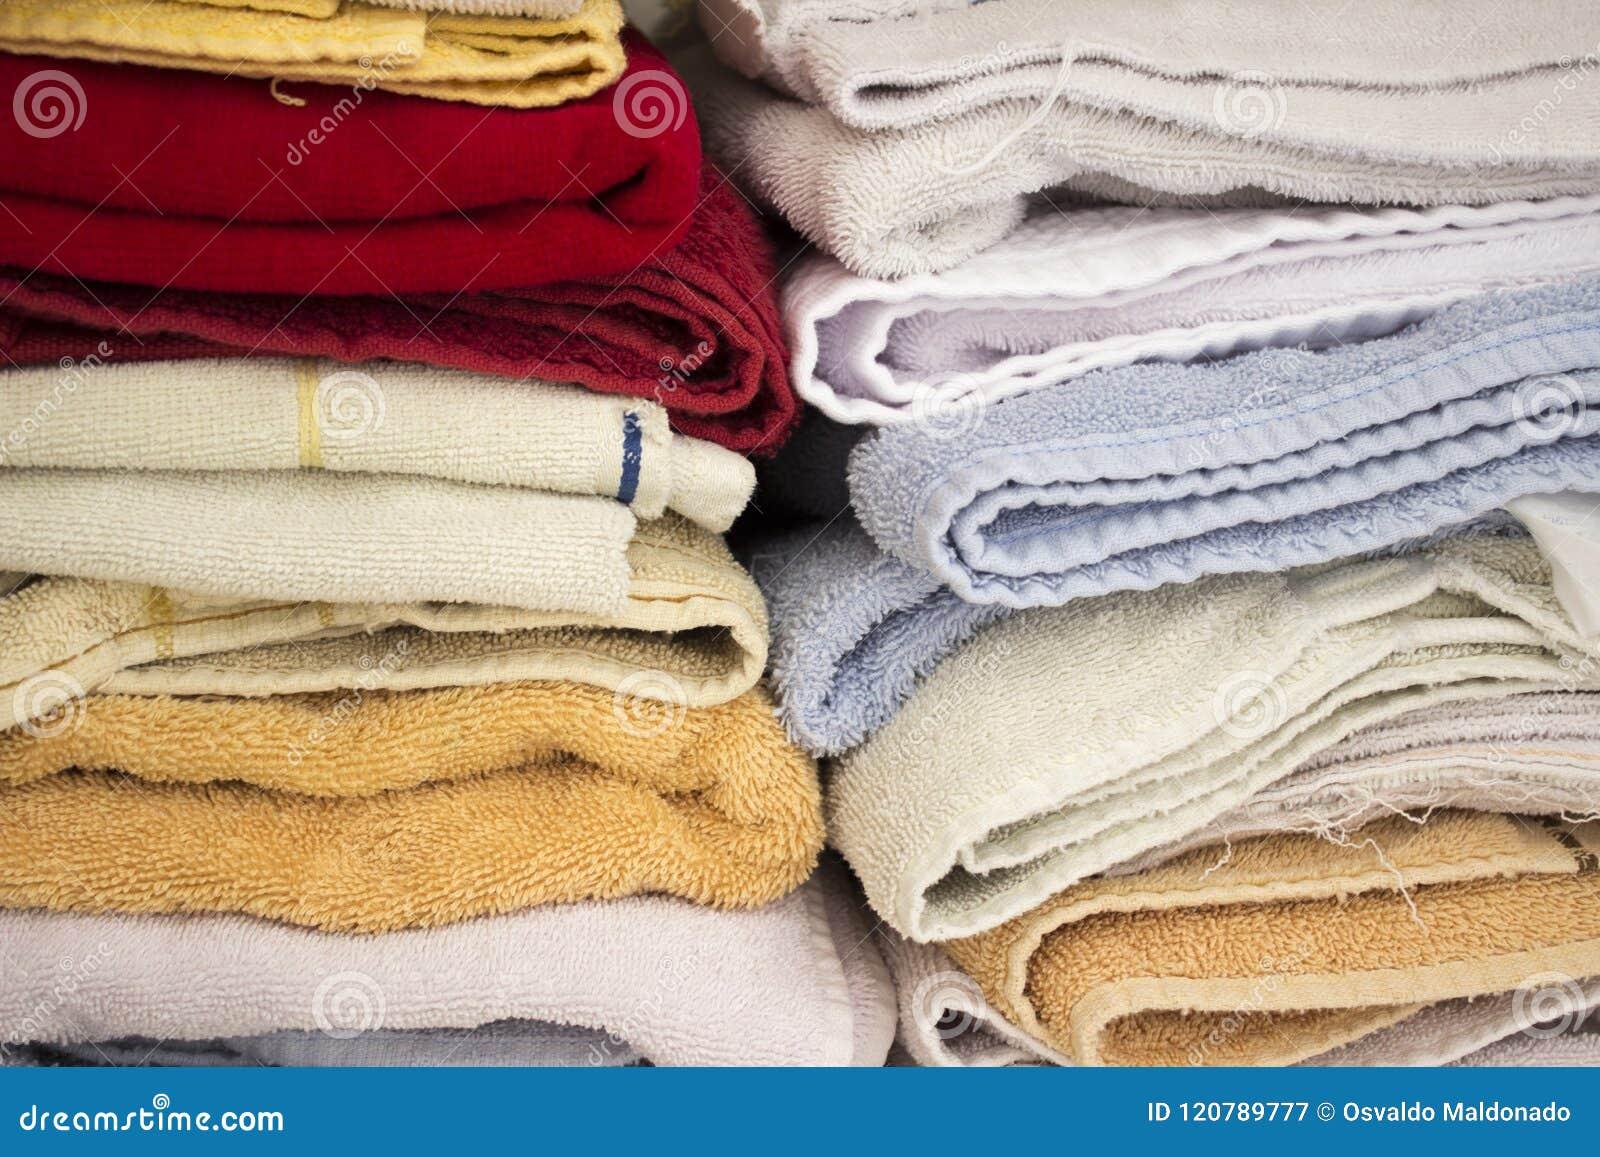 Συσσωρευμένες ζωηρόχρωμες πετσέτες μέσα σε ένα ντουλάπι